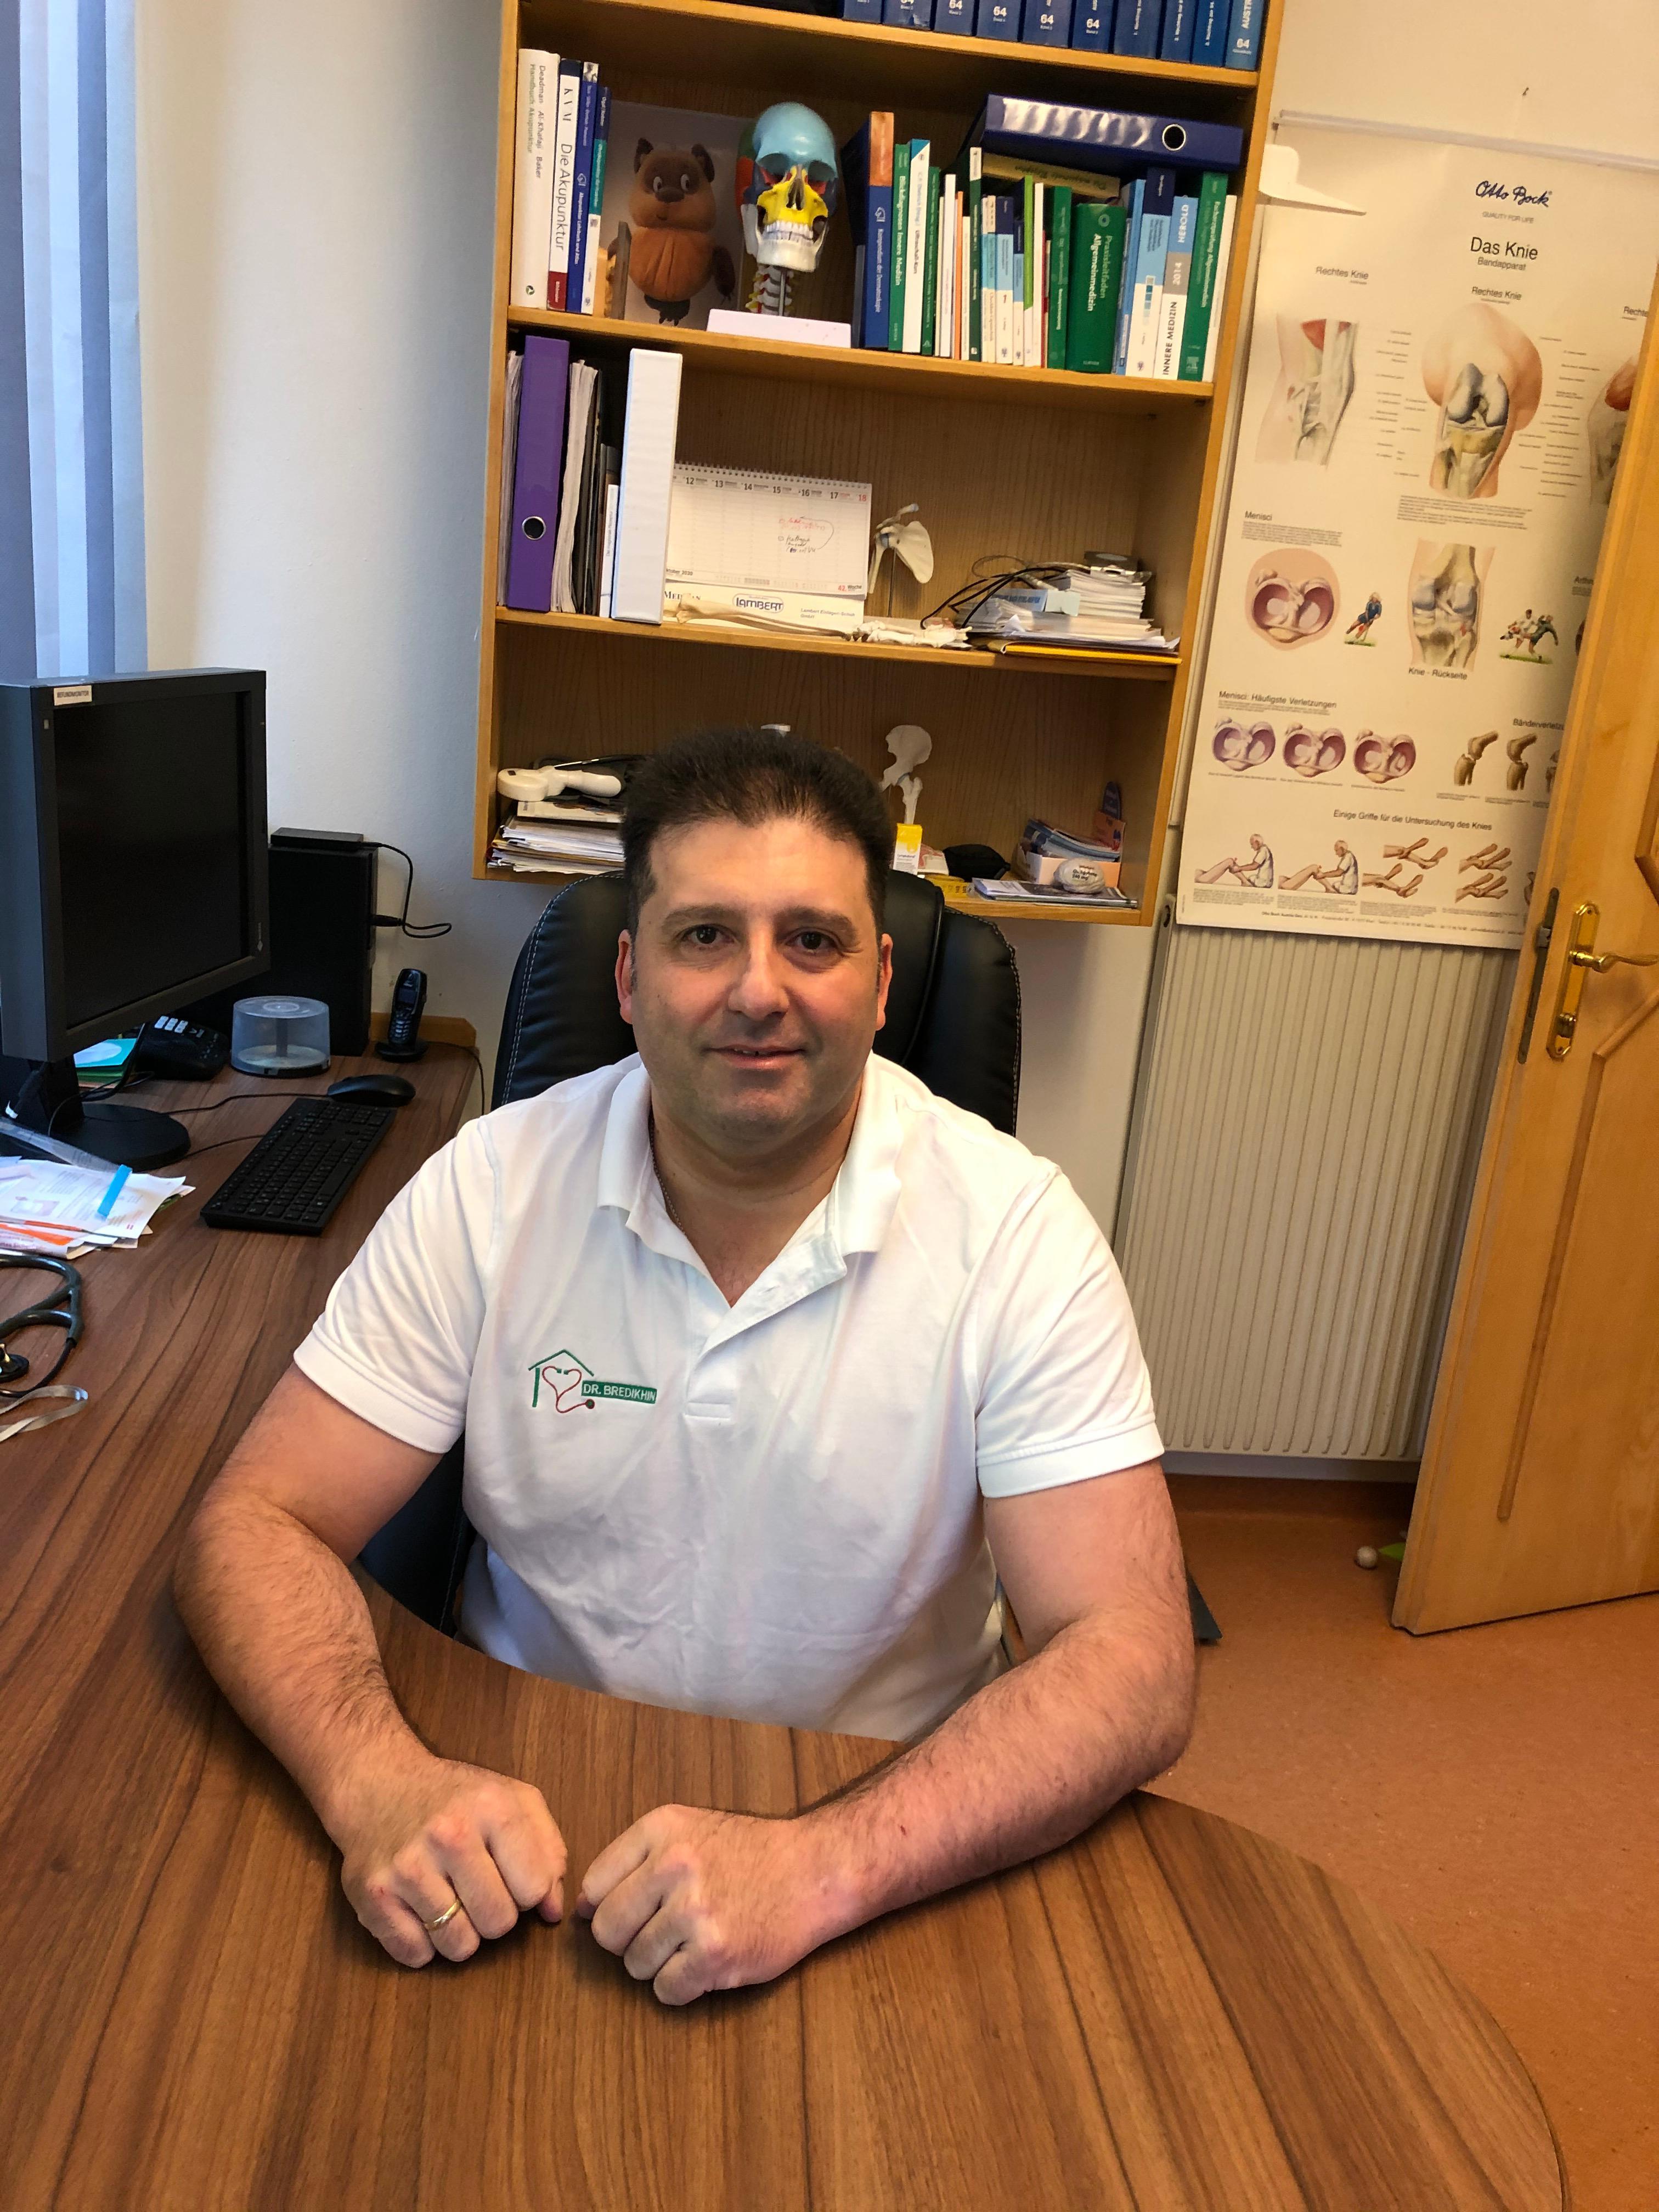 Dr. med. univ. Matvei Bredikhin